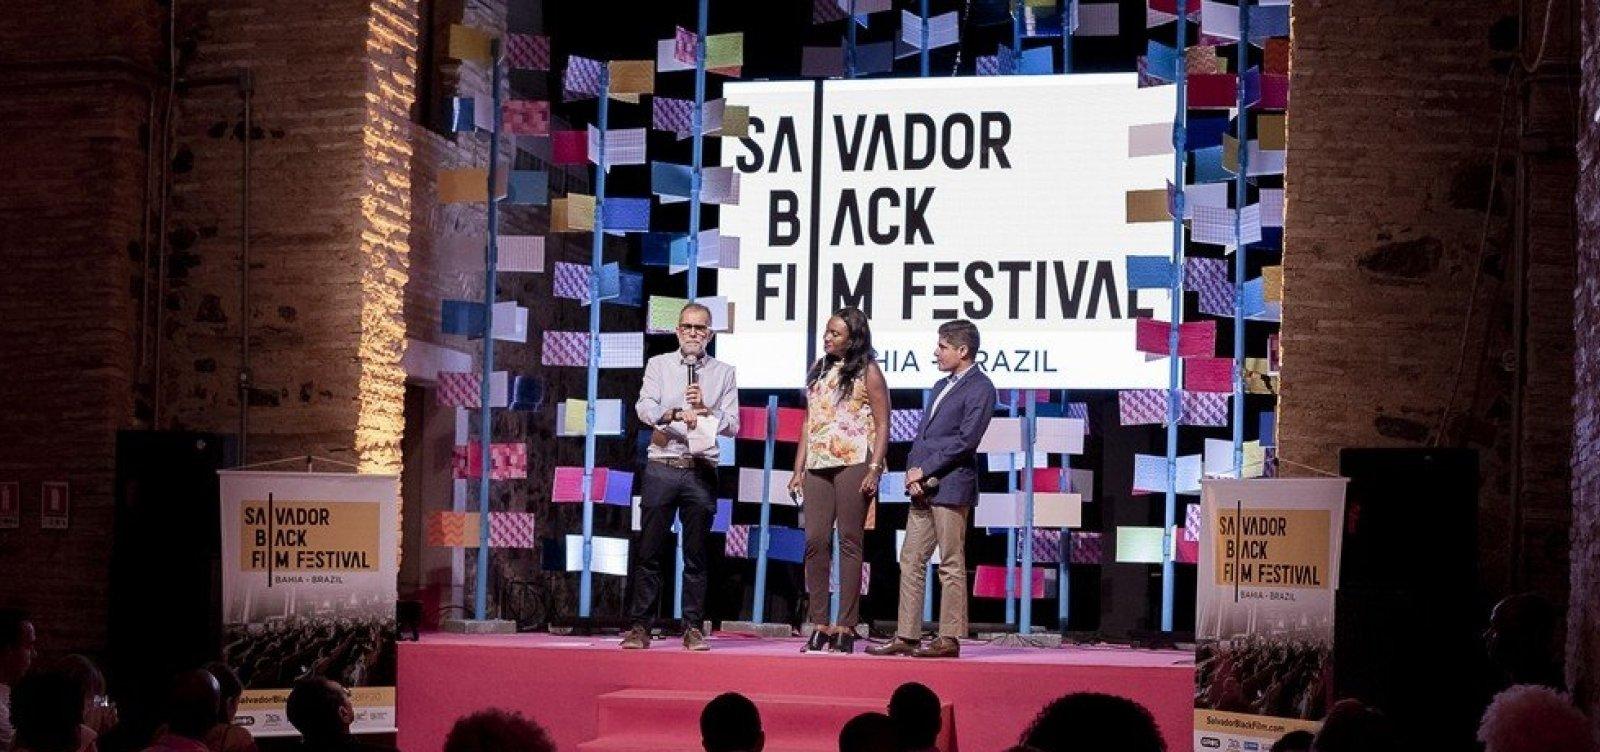 Salvador sediará 1ª edição do Festival de cinema negro canadense na América Latina